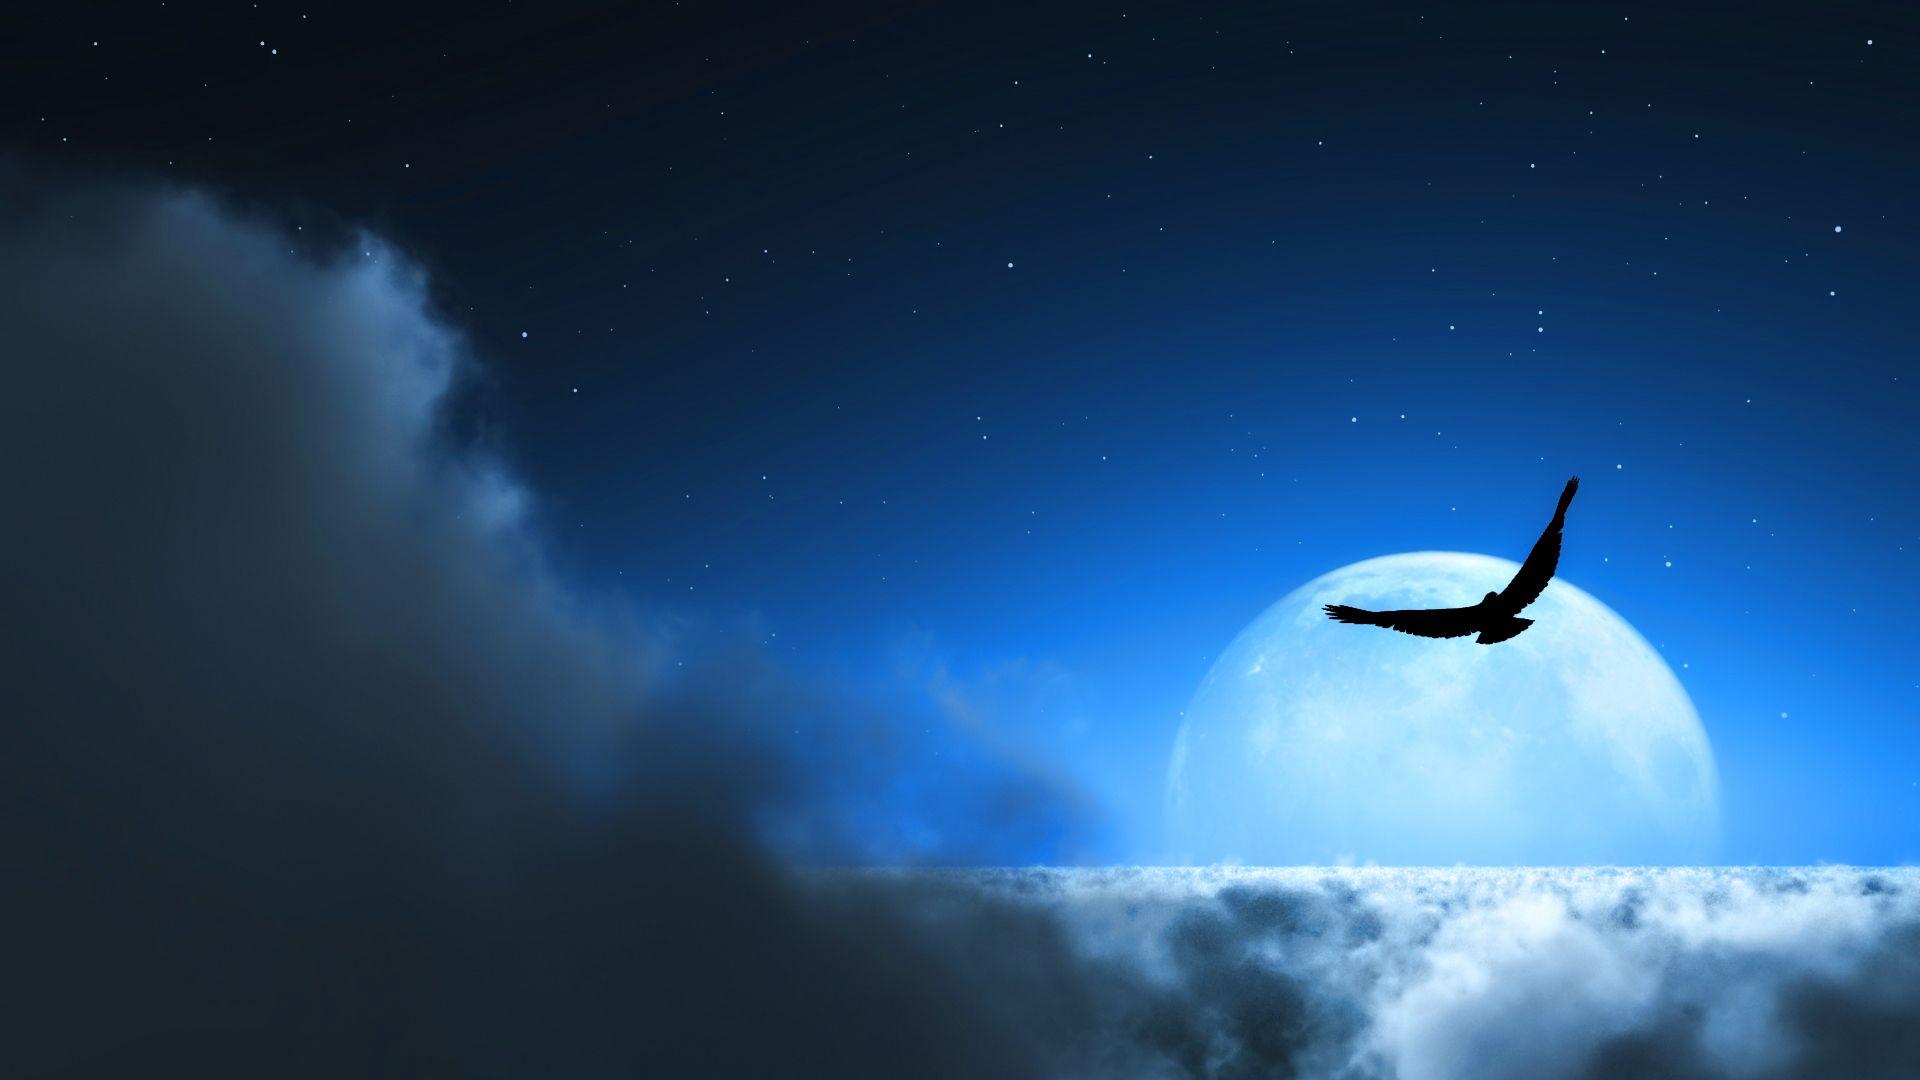 Wallpapers Night Sky Bird 1920x1080 Картины с